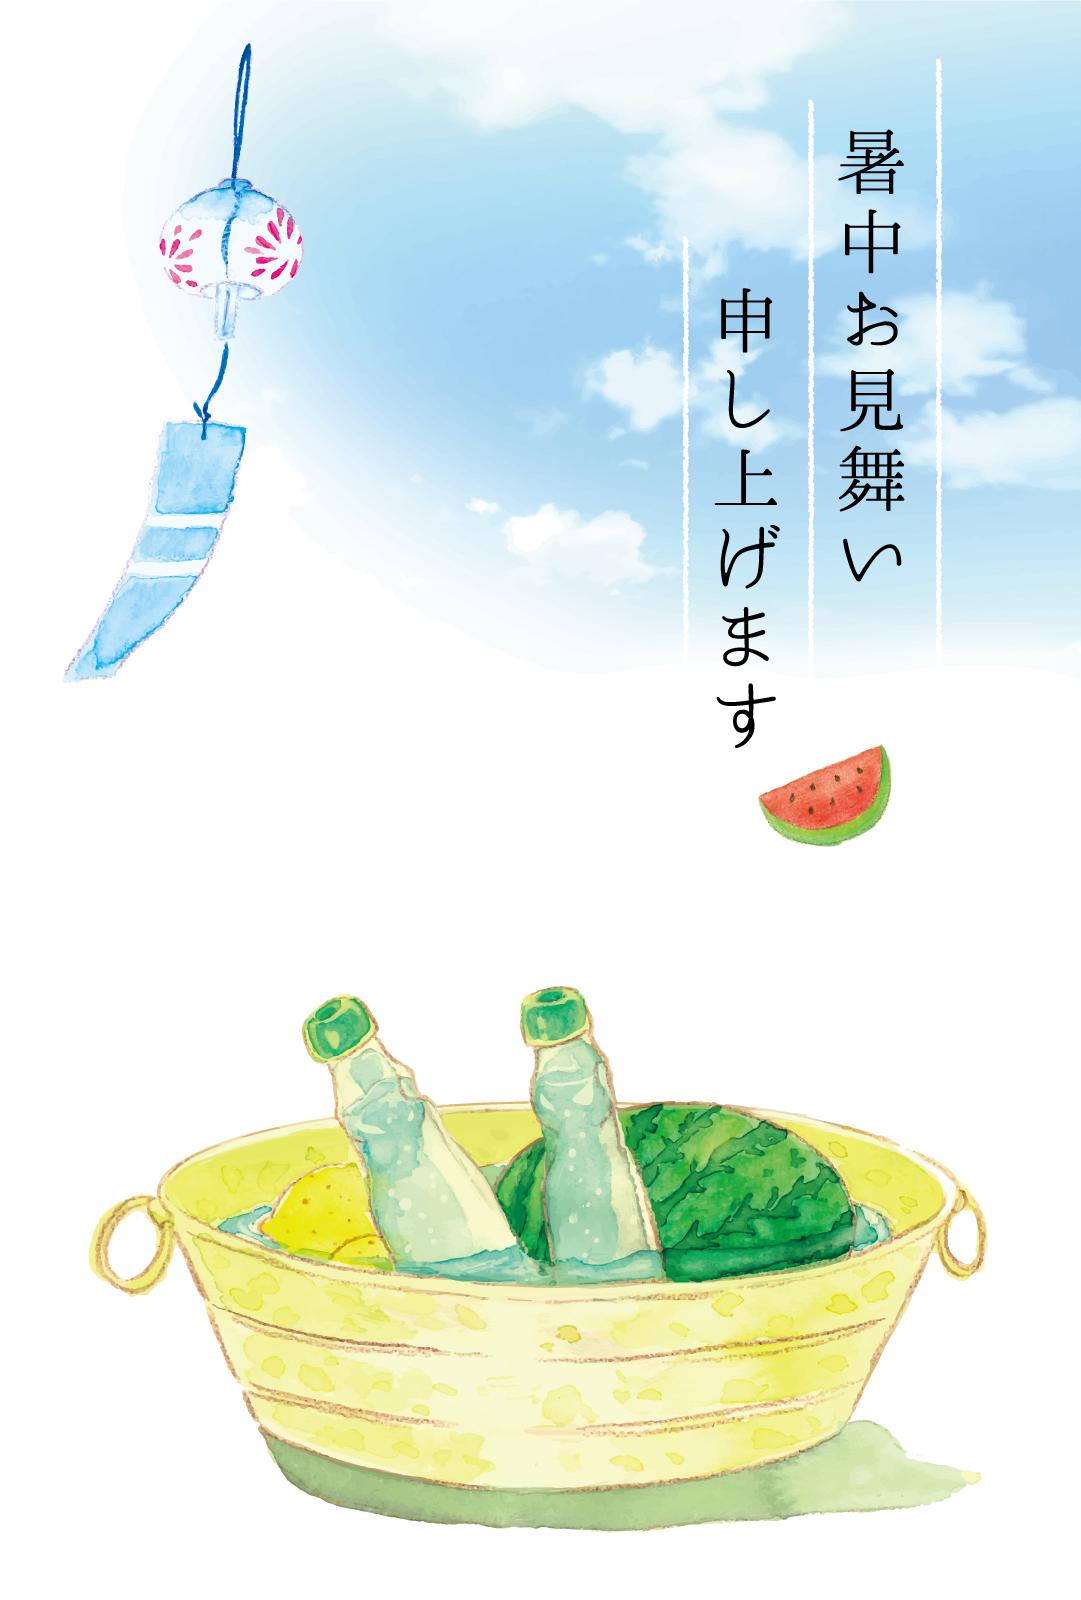 『 フリート夏季休暇のお知らせ 』